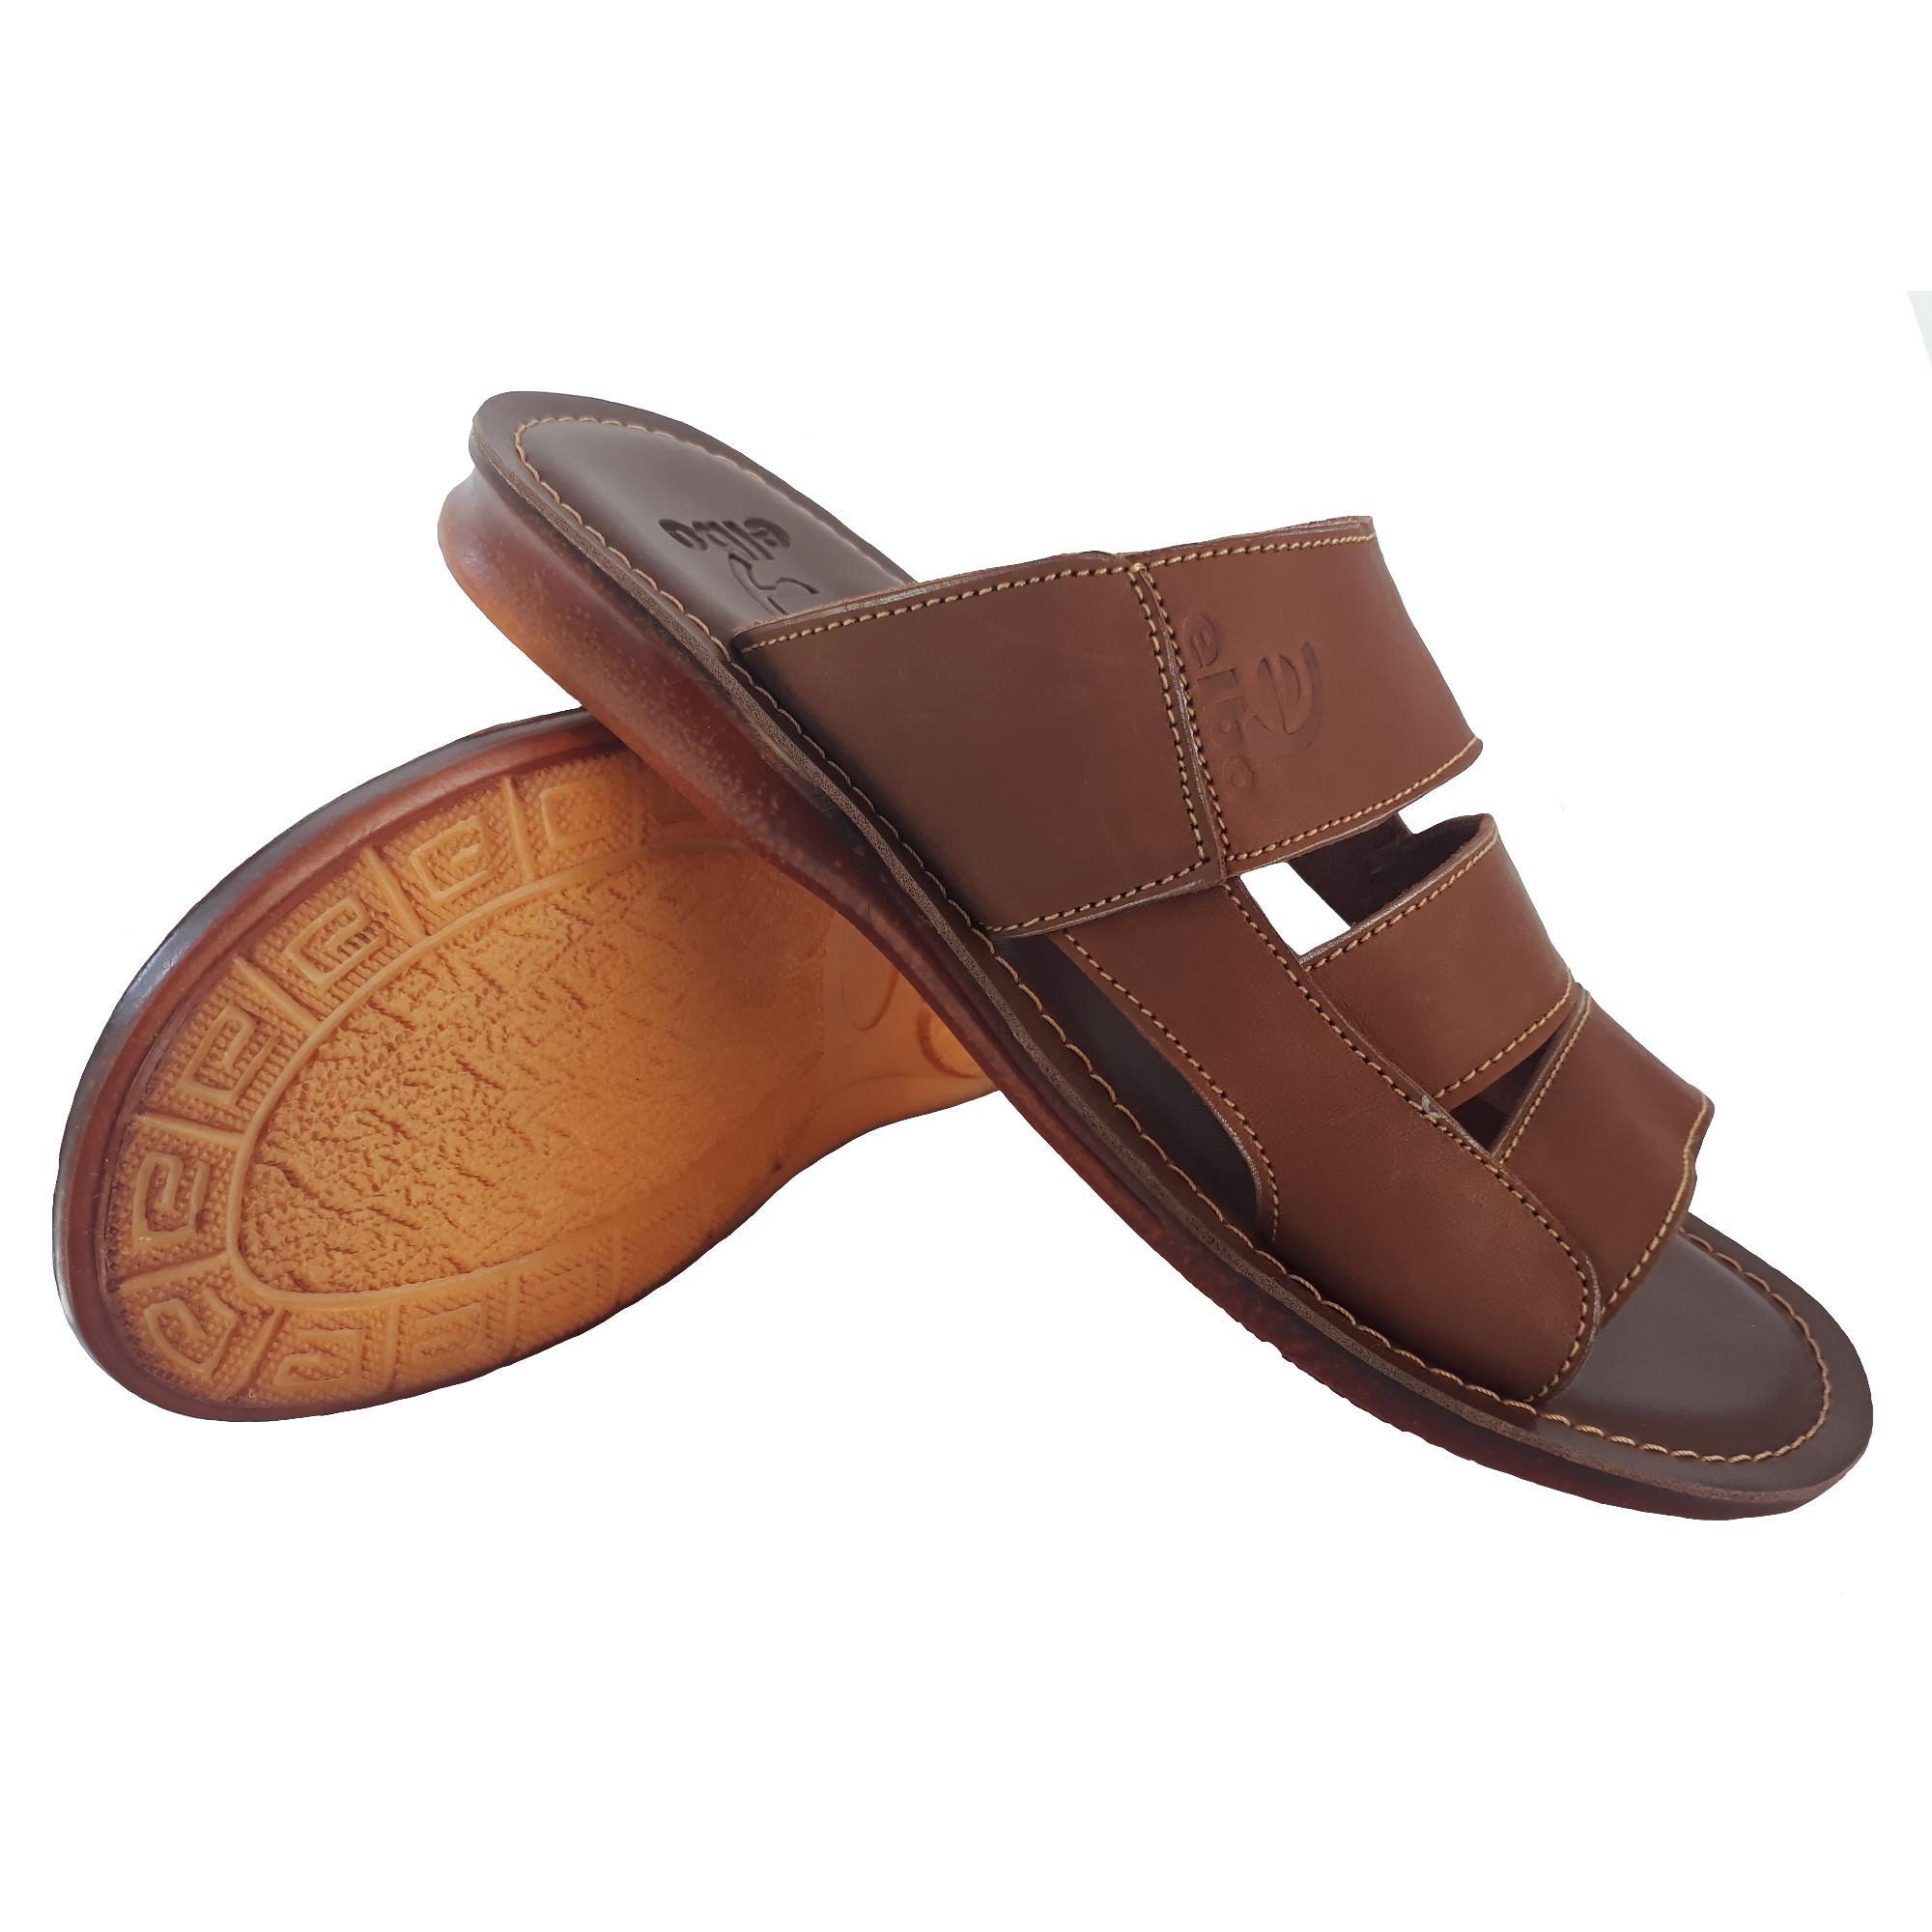 Kelebihan Sandal Pria Selop Ban3 Elbo Coklat Terkini Daftar Harga Dr Kevin Mens Sandals 97187 Brown Cokelat Tua 40 Detail Gambar Terbaru